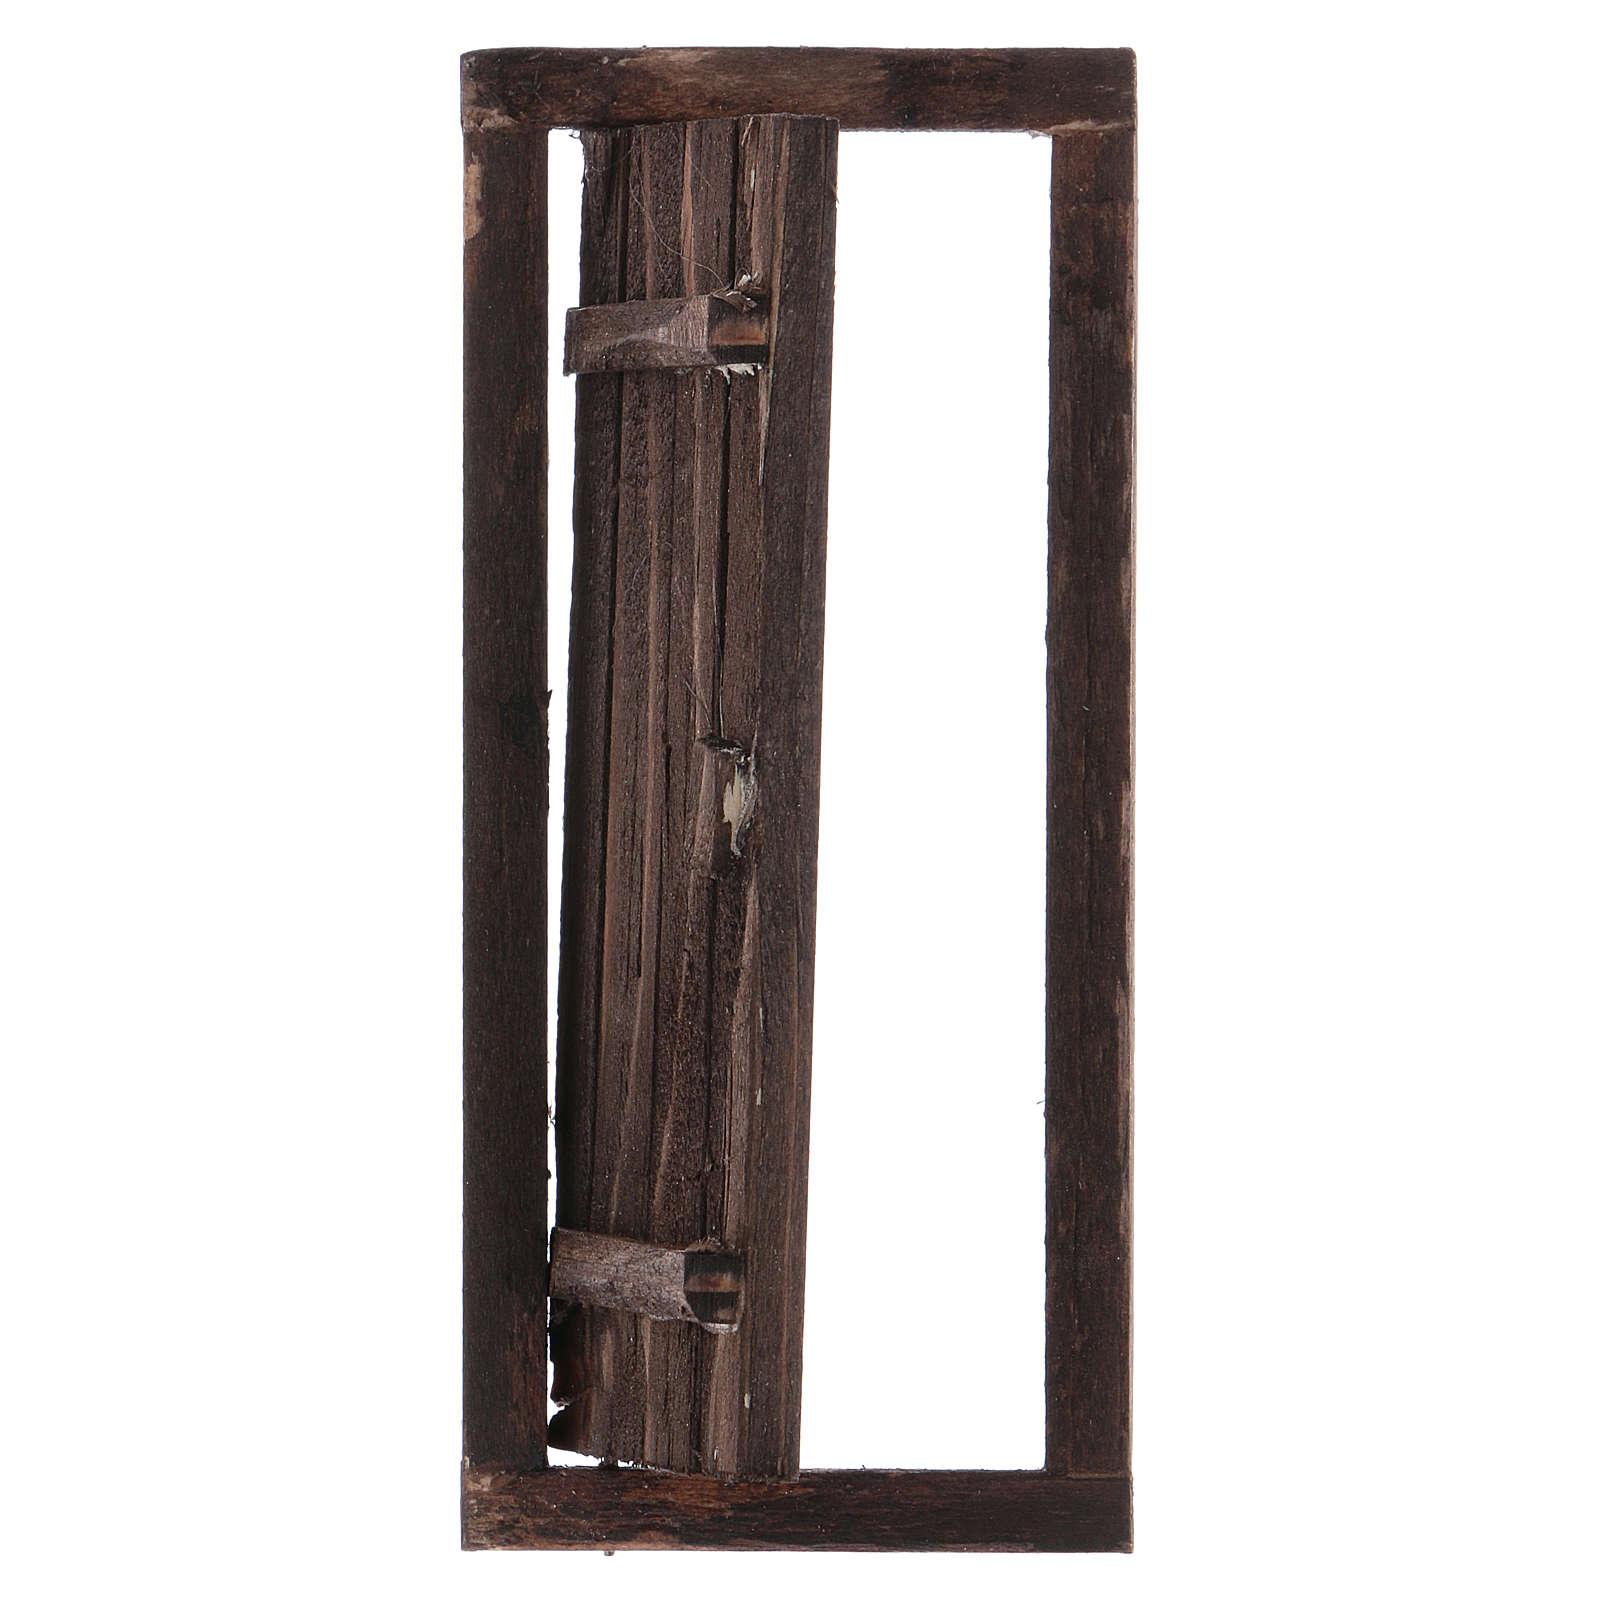 Porte avec châssis en bois pour crèche 13,5x5,5 cm 4